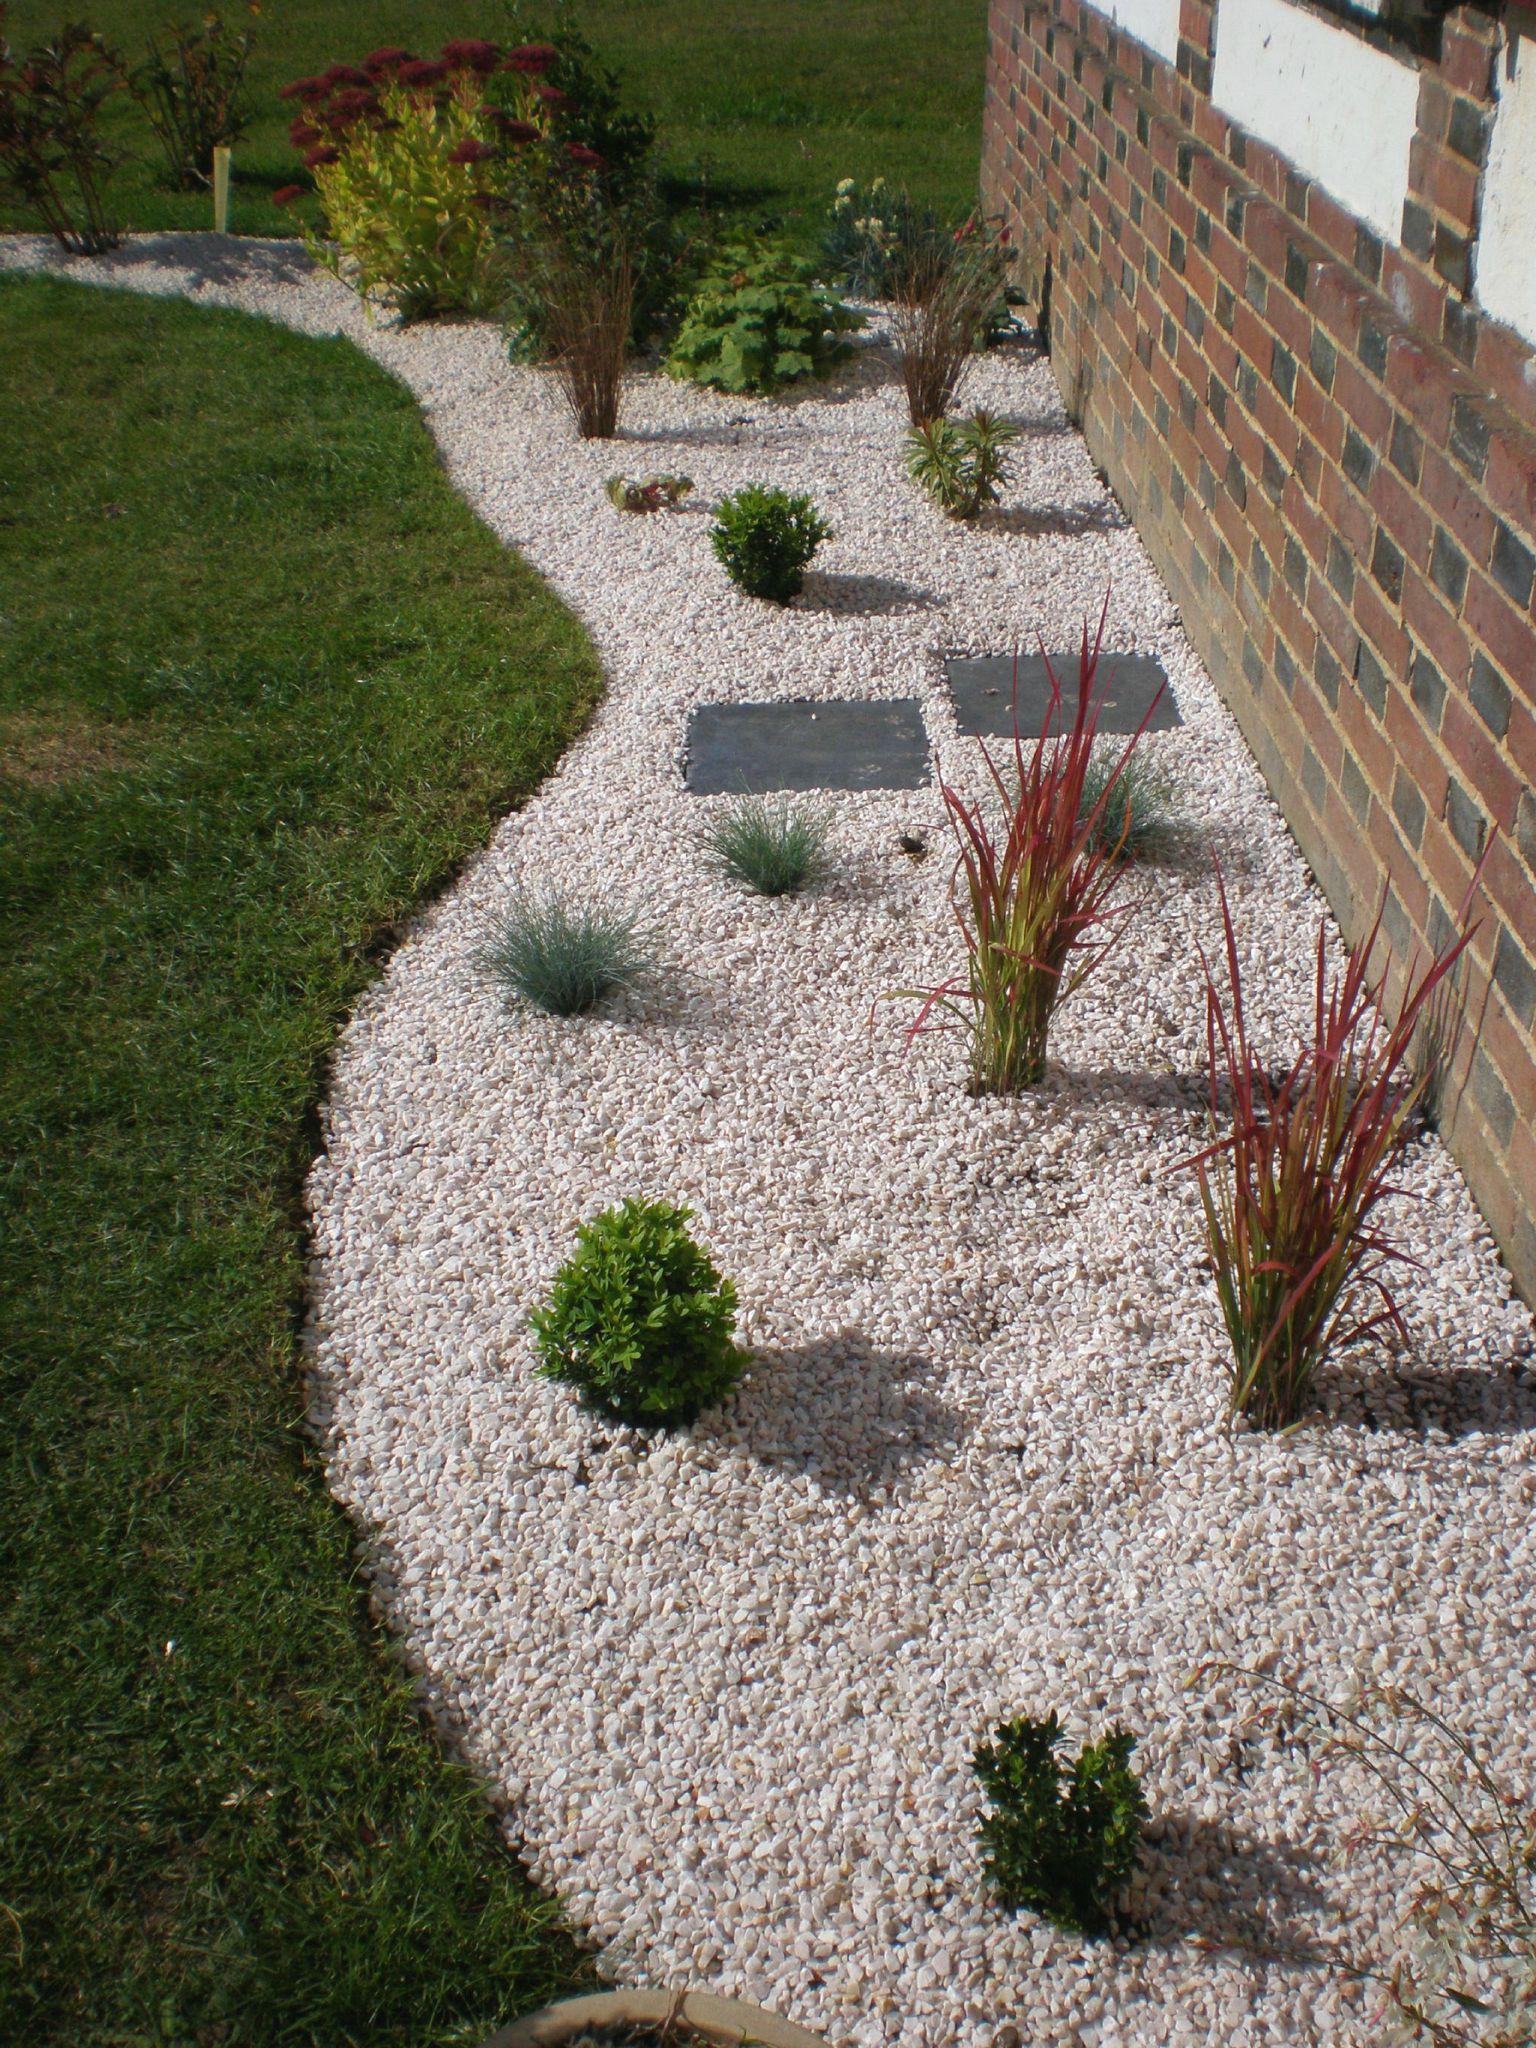 Nouveau Galerie De Brico Depot Galet Exterieur Meubles Dide ... encequiconcerne Jardin Avec Galets Blancs